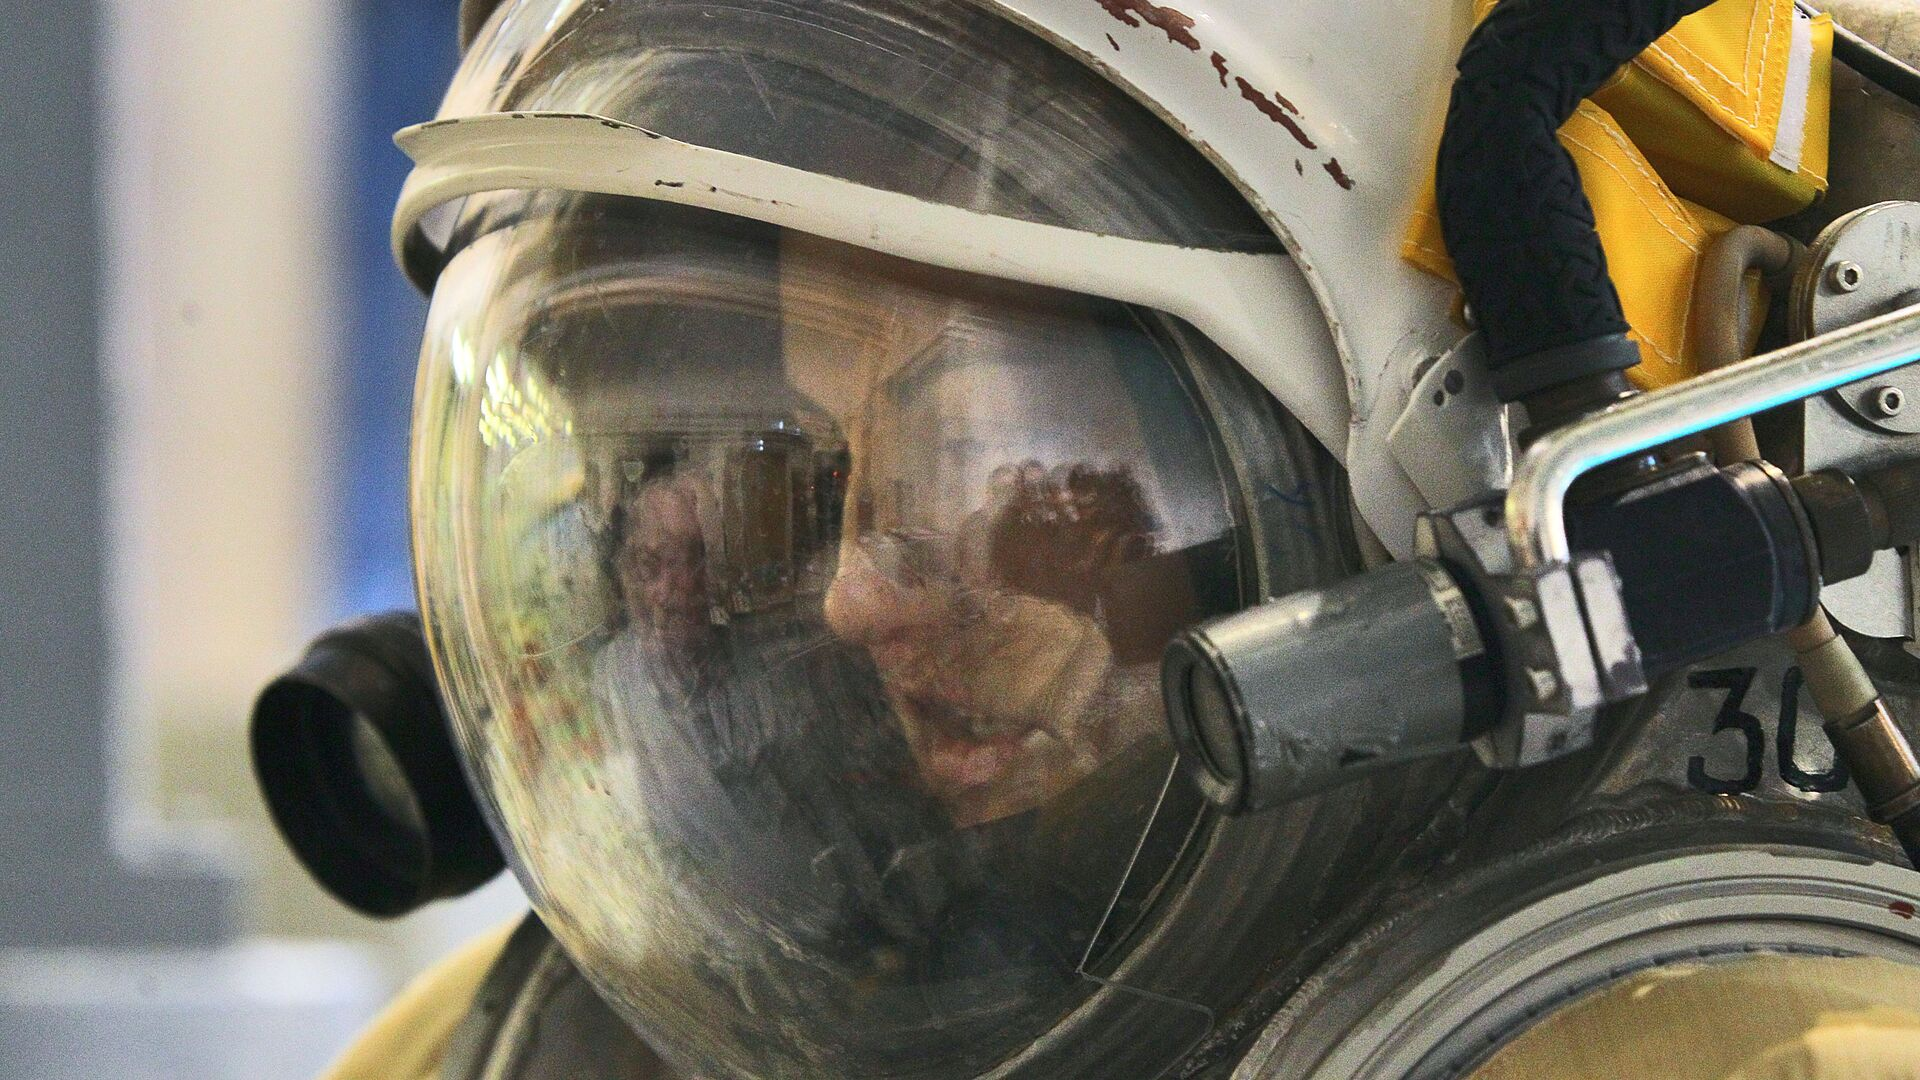 La cosmonauta de Roscosmos Elena Seróva se prepara para sumergirse en el hidrolaboratorio (2013) - Sputnik Mundo, 1920, 12.02.2021